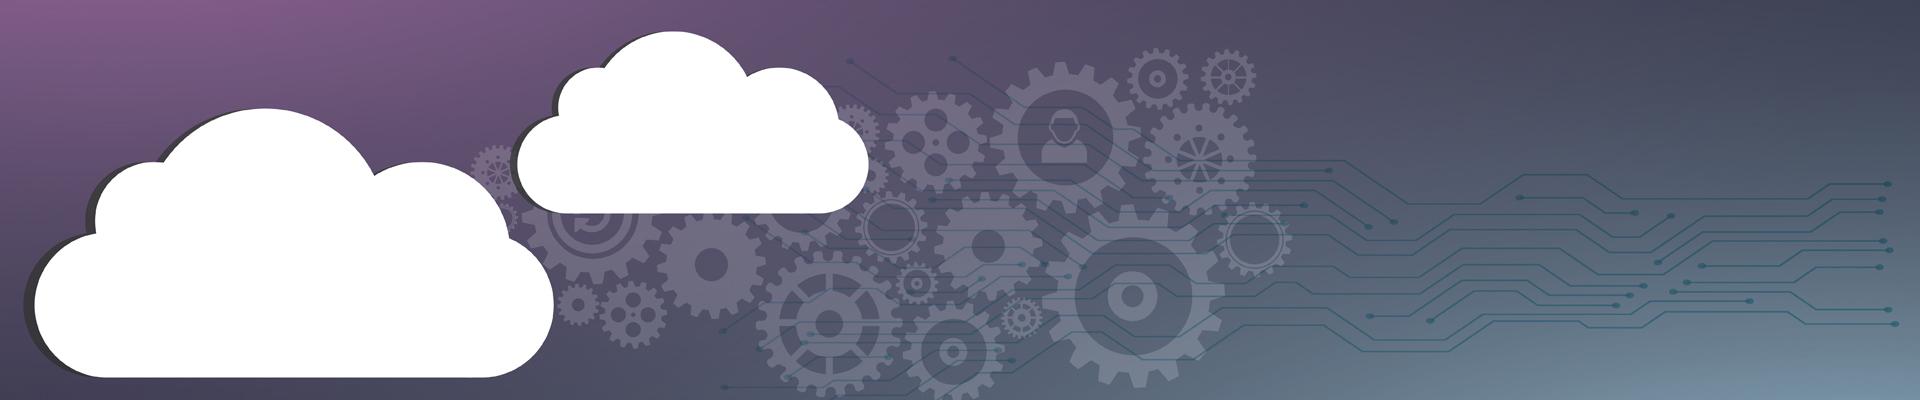 Multi-Cloud Management-banner